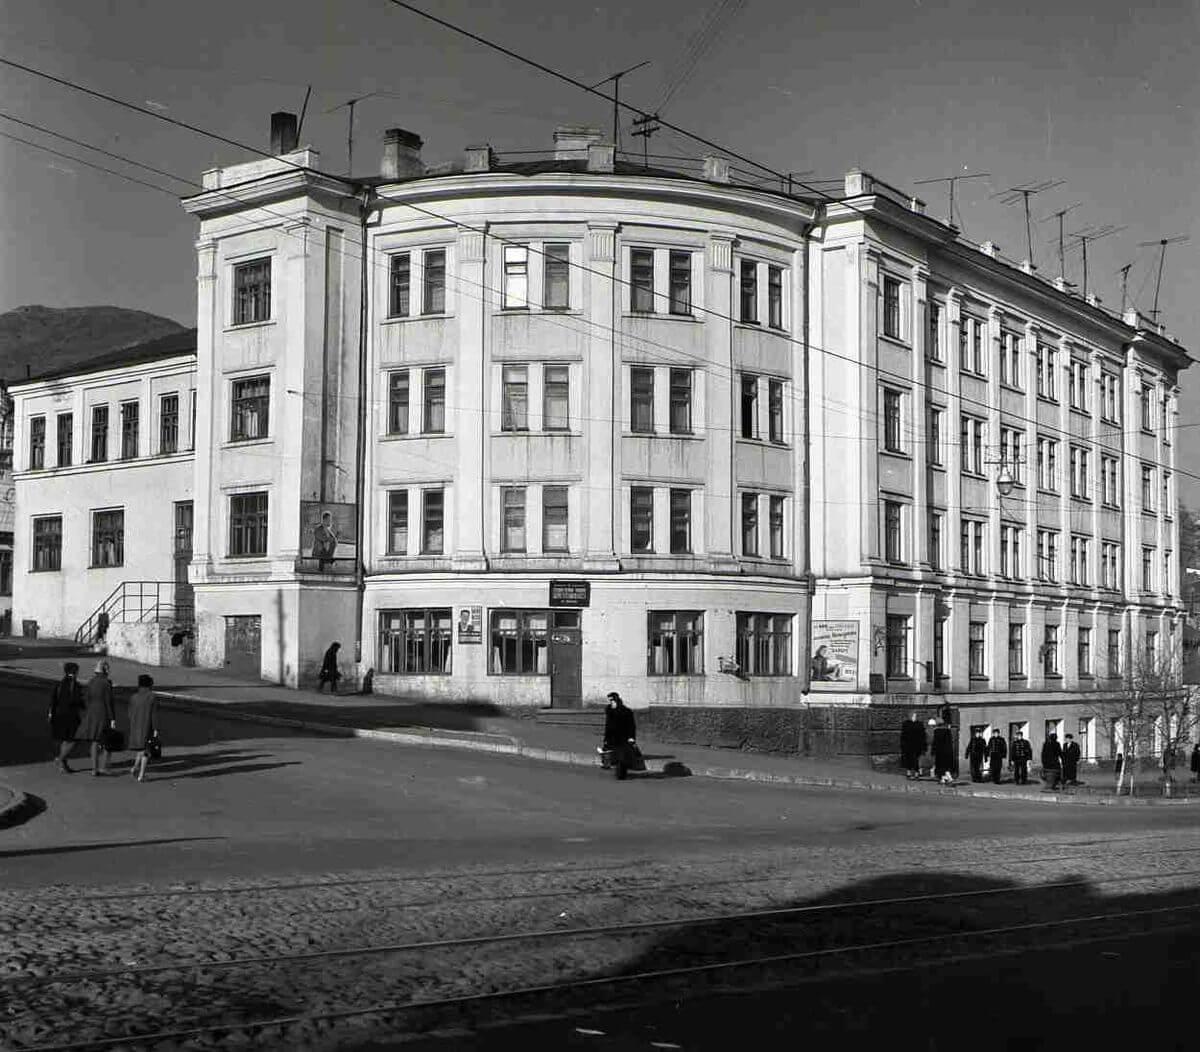 Угол улиц Ленинская (Светланская) и Авангардная (Капитана Шефнера) 1960 год.